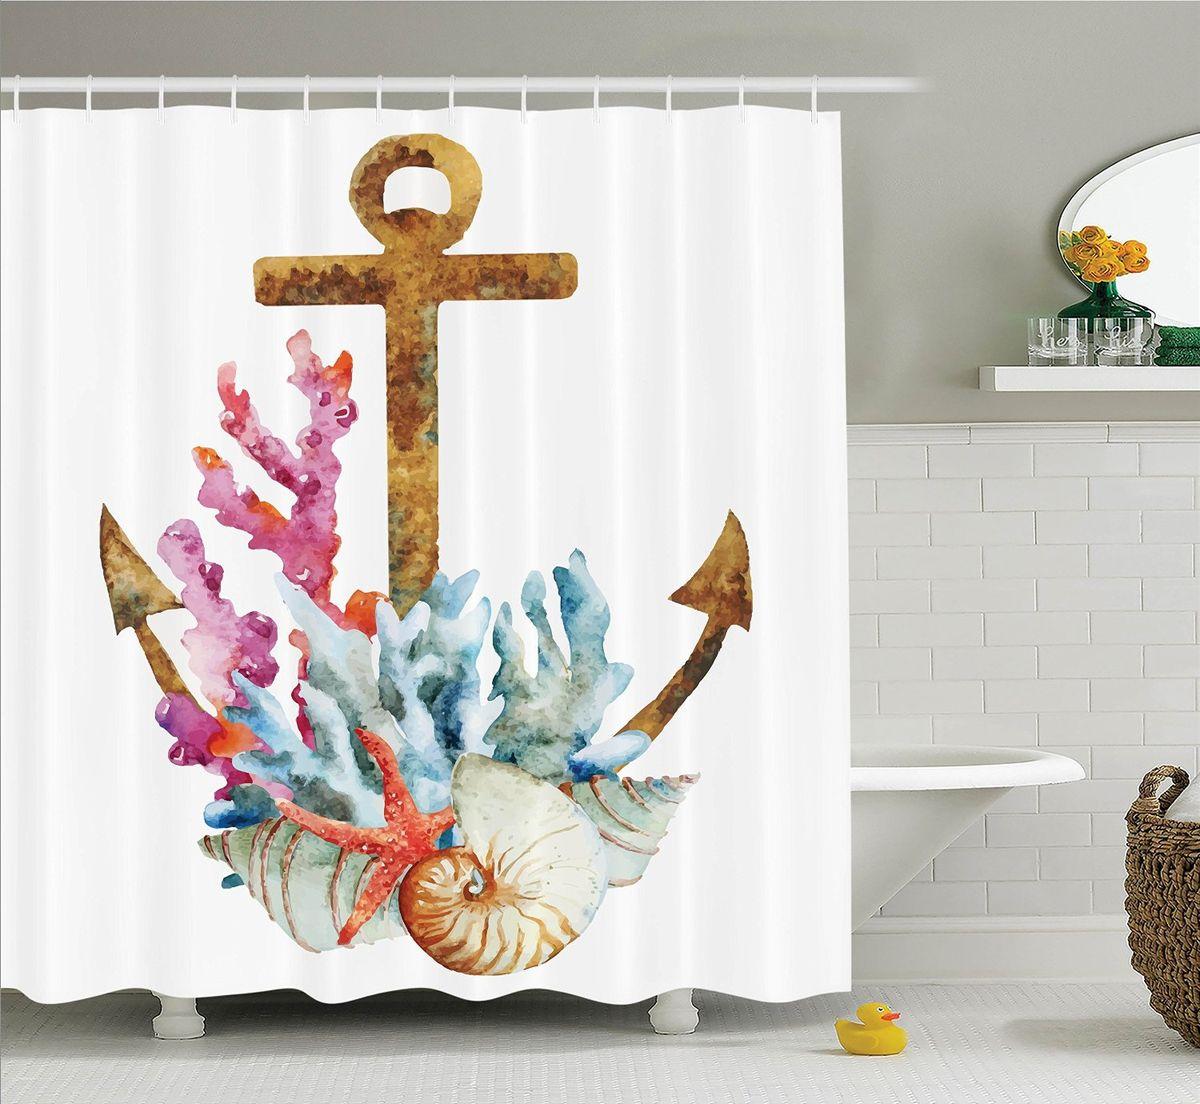 Штора для ванной комнаты Magic Lady Якорь, кораллы и ракушки, 180 х 200 смшв_11058Штора Magic Lady Якорь, кораллы и ракушки, изготовленная из высококачественного сатена (полиэстер 100%), отлично дополнит любой интерьер ванной комнаты. При изготовлении используются специальные гипоаллергенные чернила для прямой печати по ткани, безопасные для человека.В комплекте: 1 штора, 12 крючков. Обращаем ваше внимание, фактический цвет изделия может незначительно отличаться от представленного на фото.